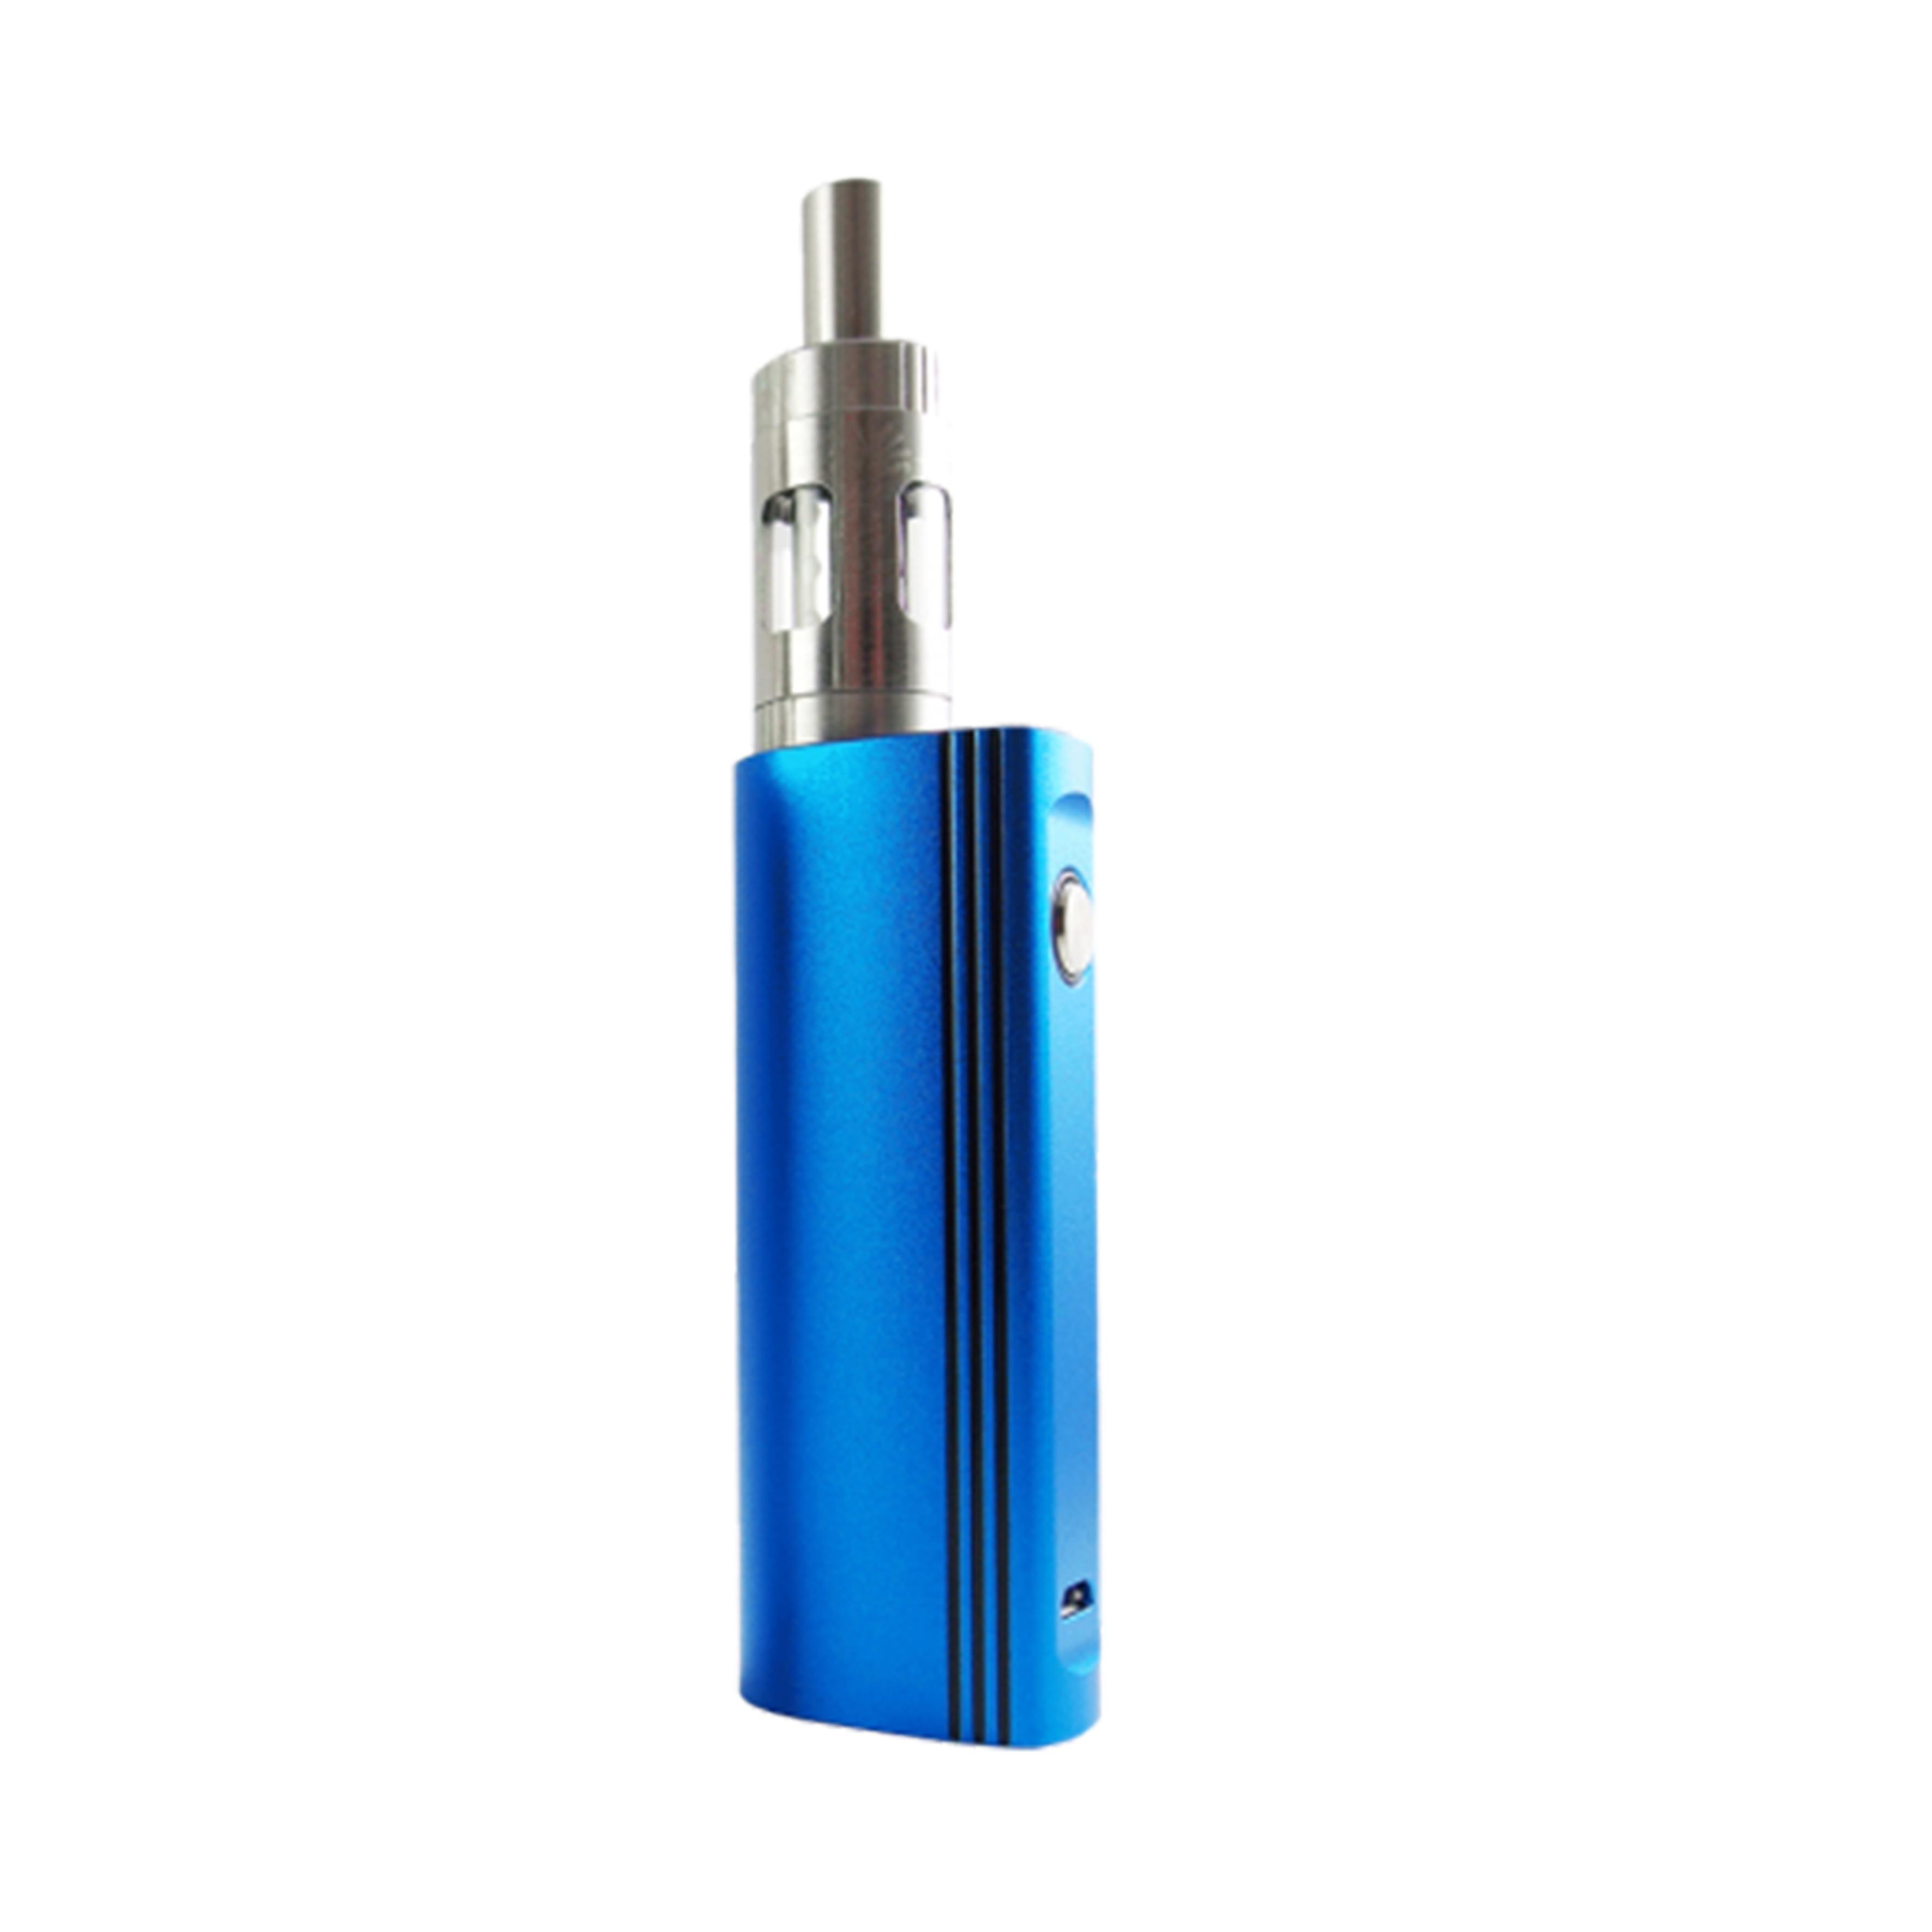 Endura T22e Kit Blue